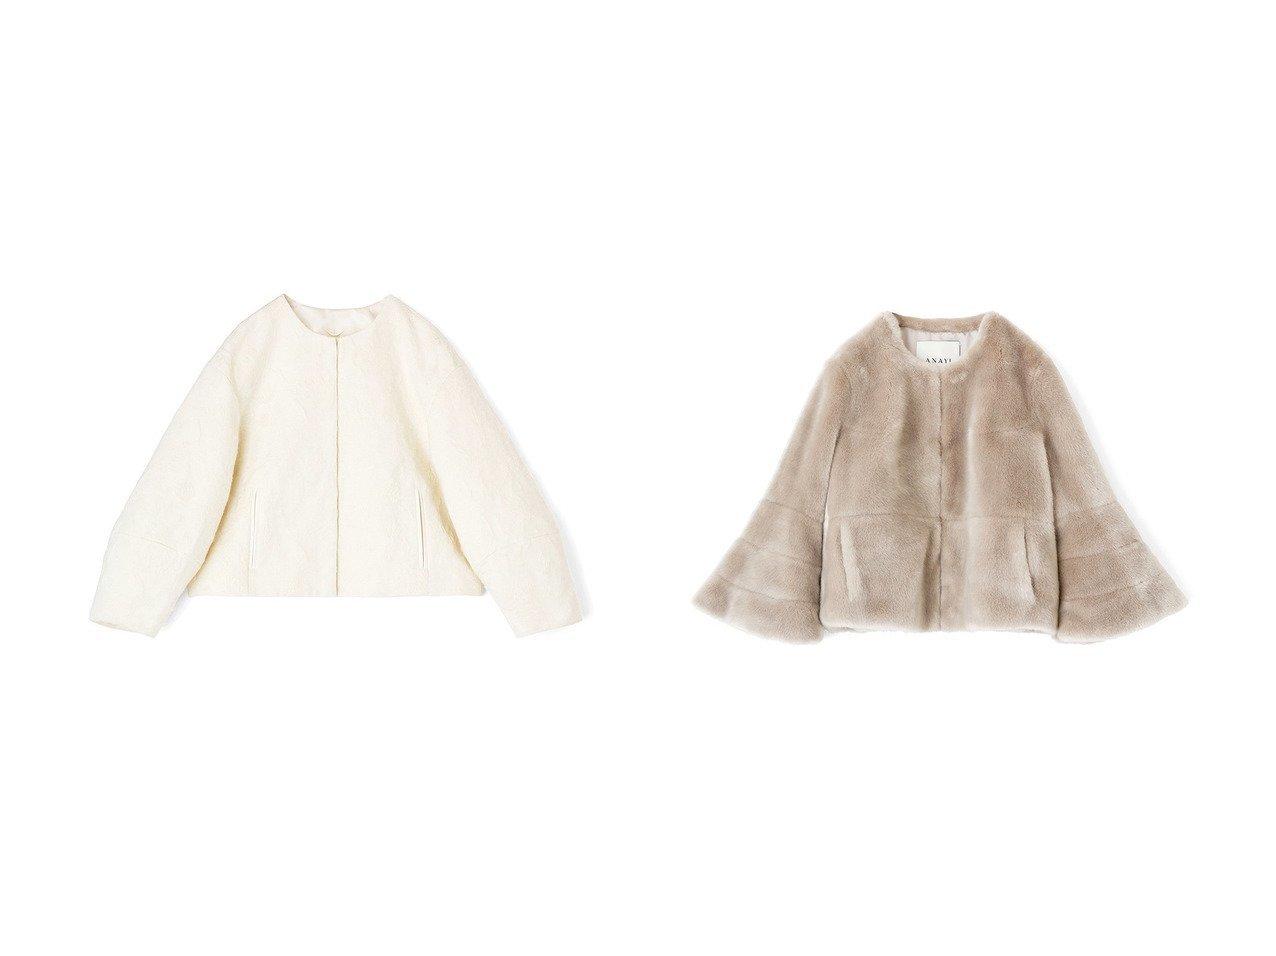 【ANAYI/アナイ】のモヘヤジャガードクルー ジャケット&エコファーショート ジャケット 【アウター】おすすめ!人気、トレンド・レディースファッションの通販   おすすめで人気の流行・トレンド、ファッションの通販商品 インテリア・家具・メンズファッション・キッズファッション・レディースファッション・服の通販 founy(ファニー) https://founy.com/ ファッション Fashion レディースファッション WOMEN アウター Coat Outerwear ジャケット Jackets 2020年 2020 2020-2021秋冬・A/W AW・Autumn/Winter・FW・Fall-Winter/2020-2021 2021年 2021 2021-2022秋冬・A/W AW・Autumn/Winter・FW・Fall-Winter・2021-2022 A/W・秋冬 AW・Autumn/Winter・FW・Fall-Winter イタリア エレガント ショート ジャケット バランス フェイクファー フレア ポケット リアル リュクス 切替 おすすめ Recommend コクーン コンパクト スペシャル スリーブ セットアップ フラワー モチーフ モヘア  ID:crp329100000057167